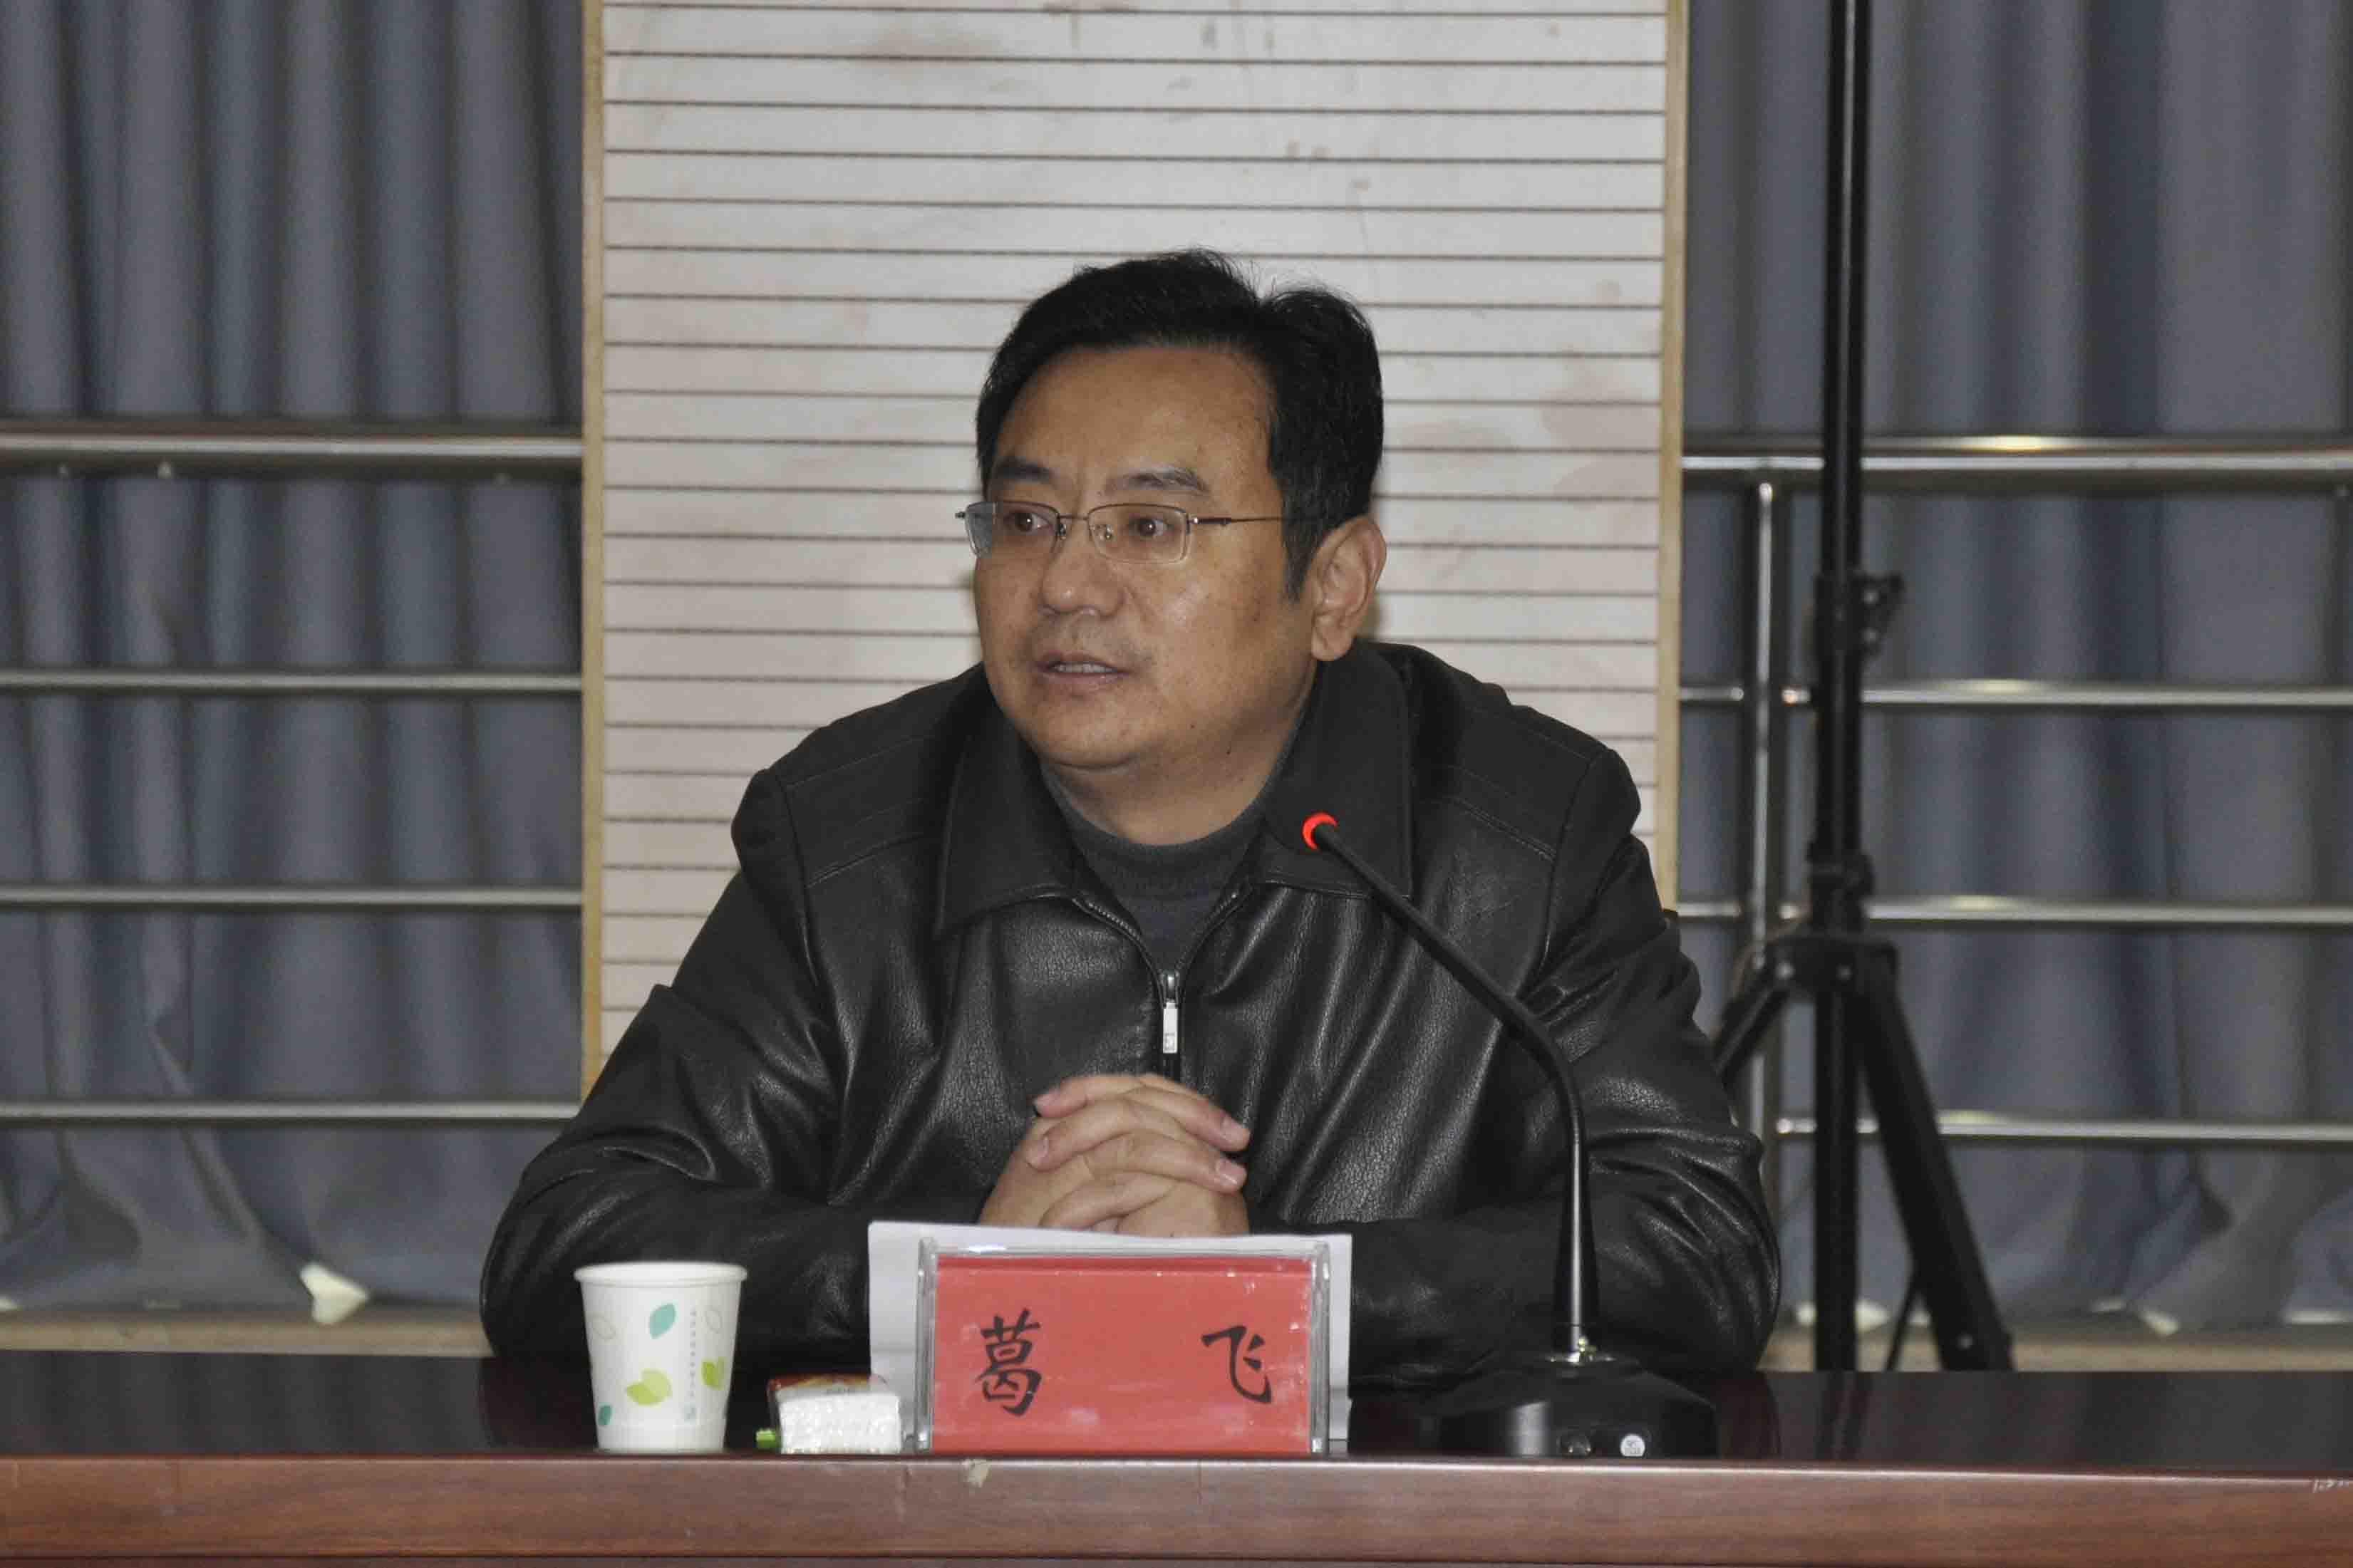 教育局_郑州市教育局副局长